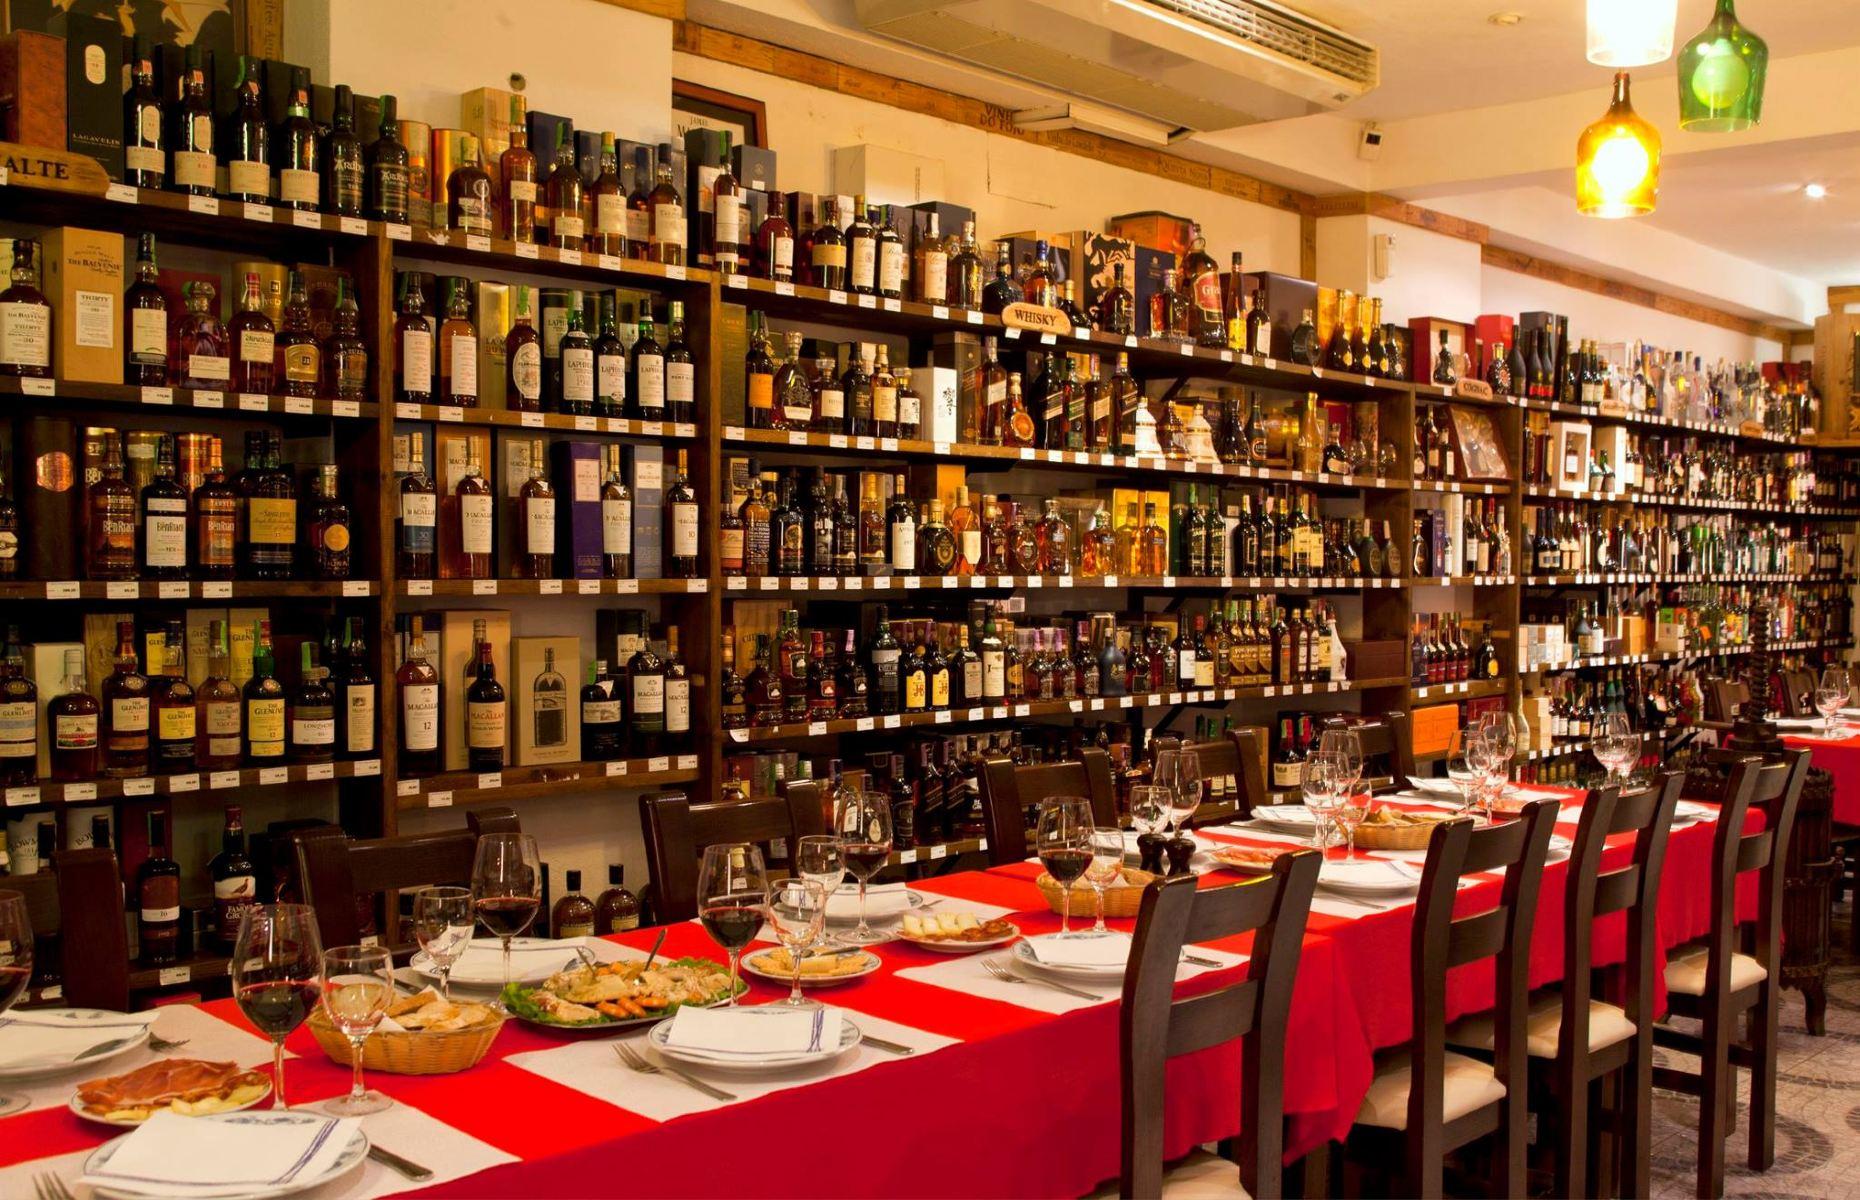 Veneza Restaurant (Image: Restaurante Garrafeira Veneza/Facebook.com)